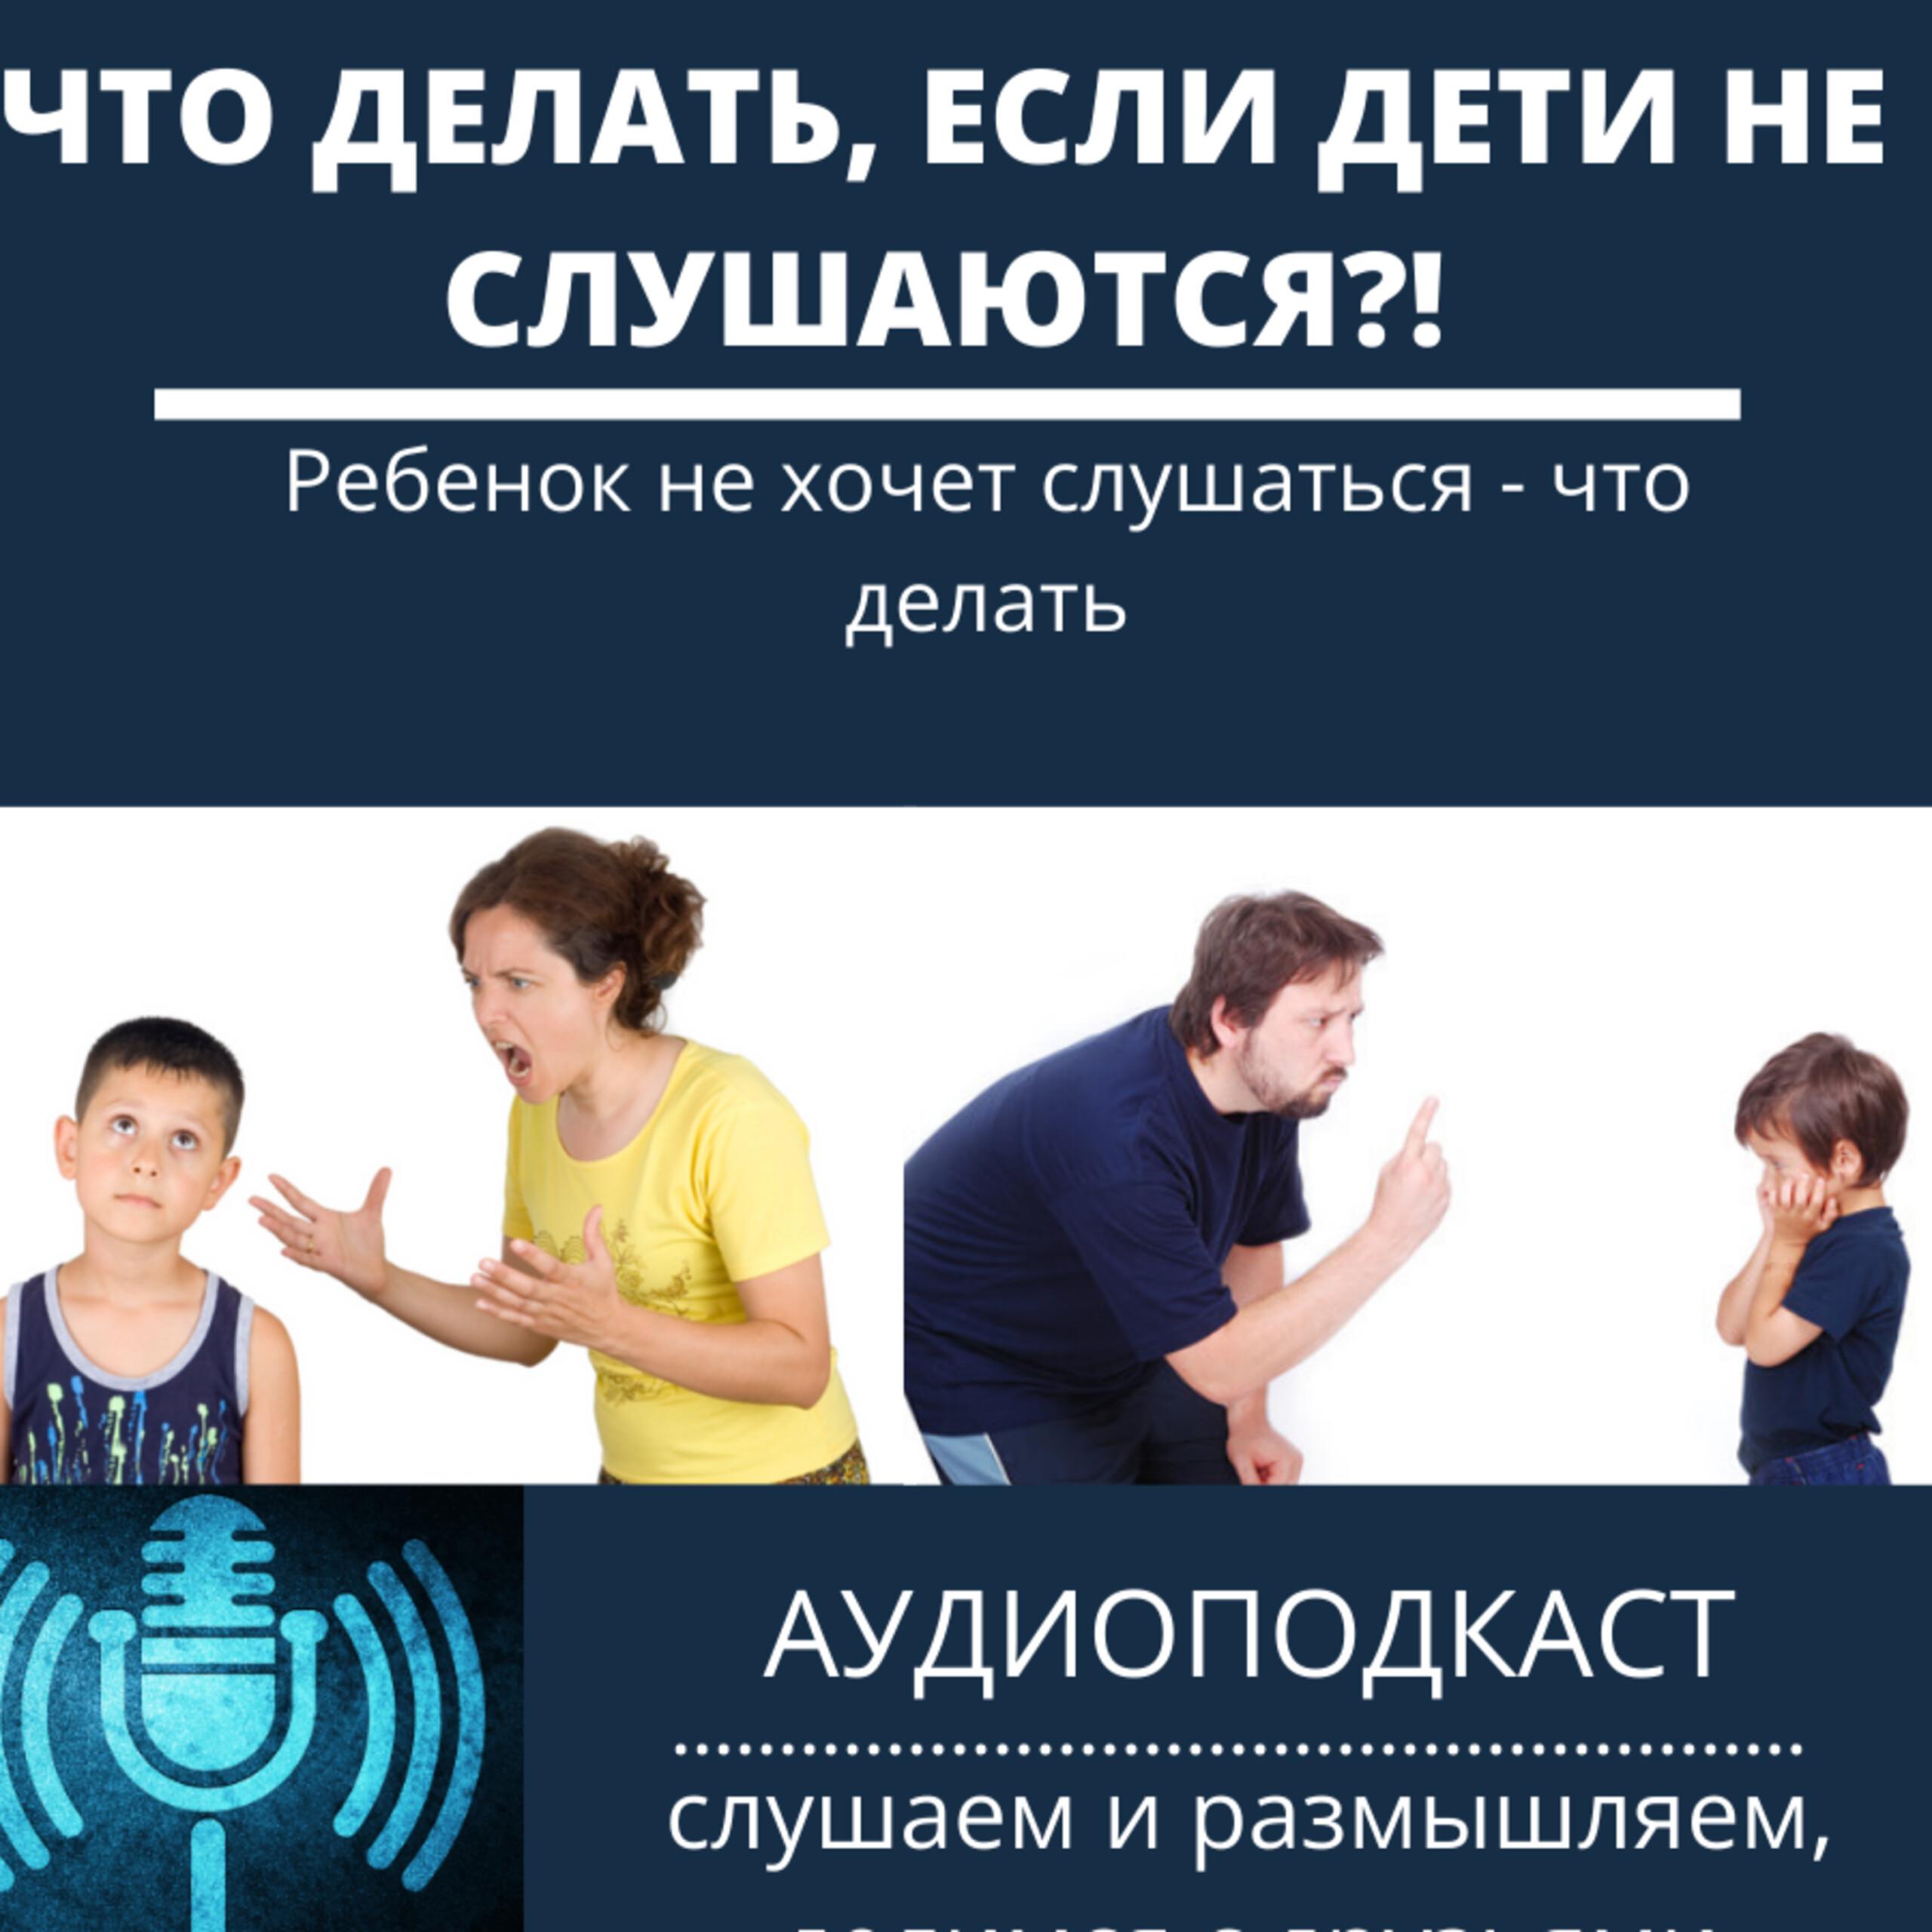 Ребенок не слушается - что делать?